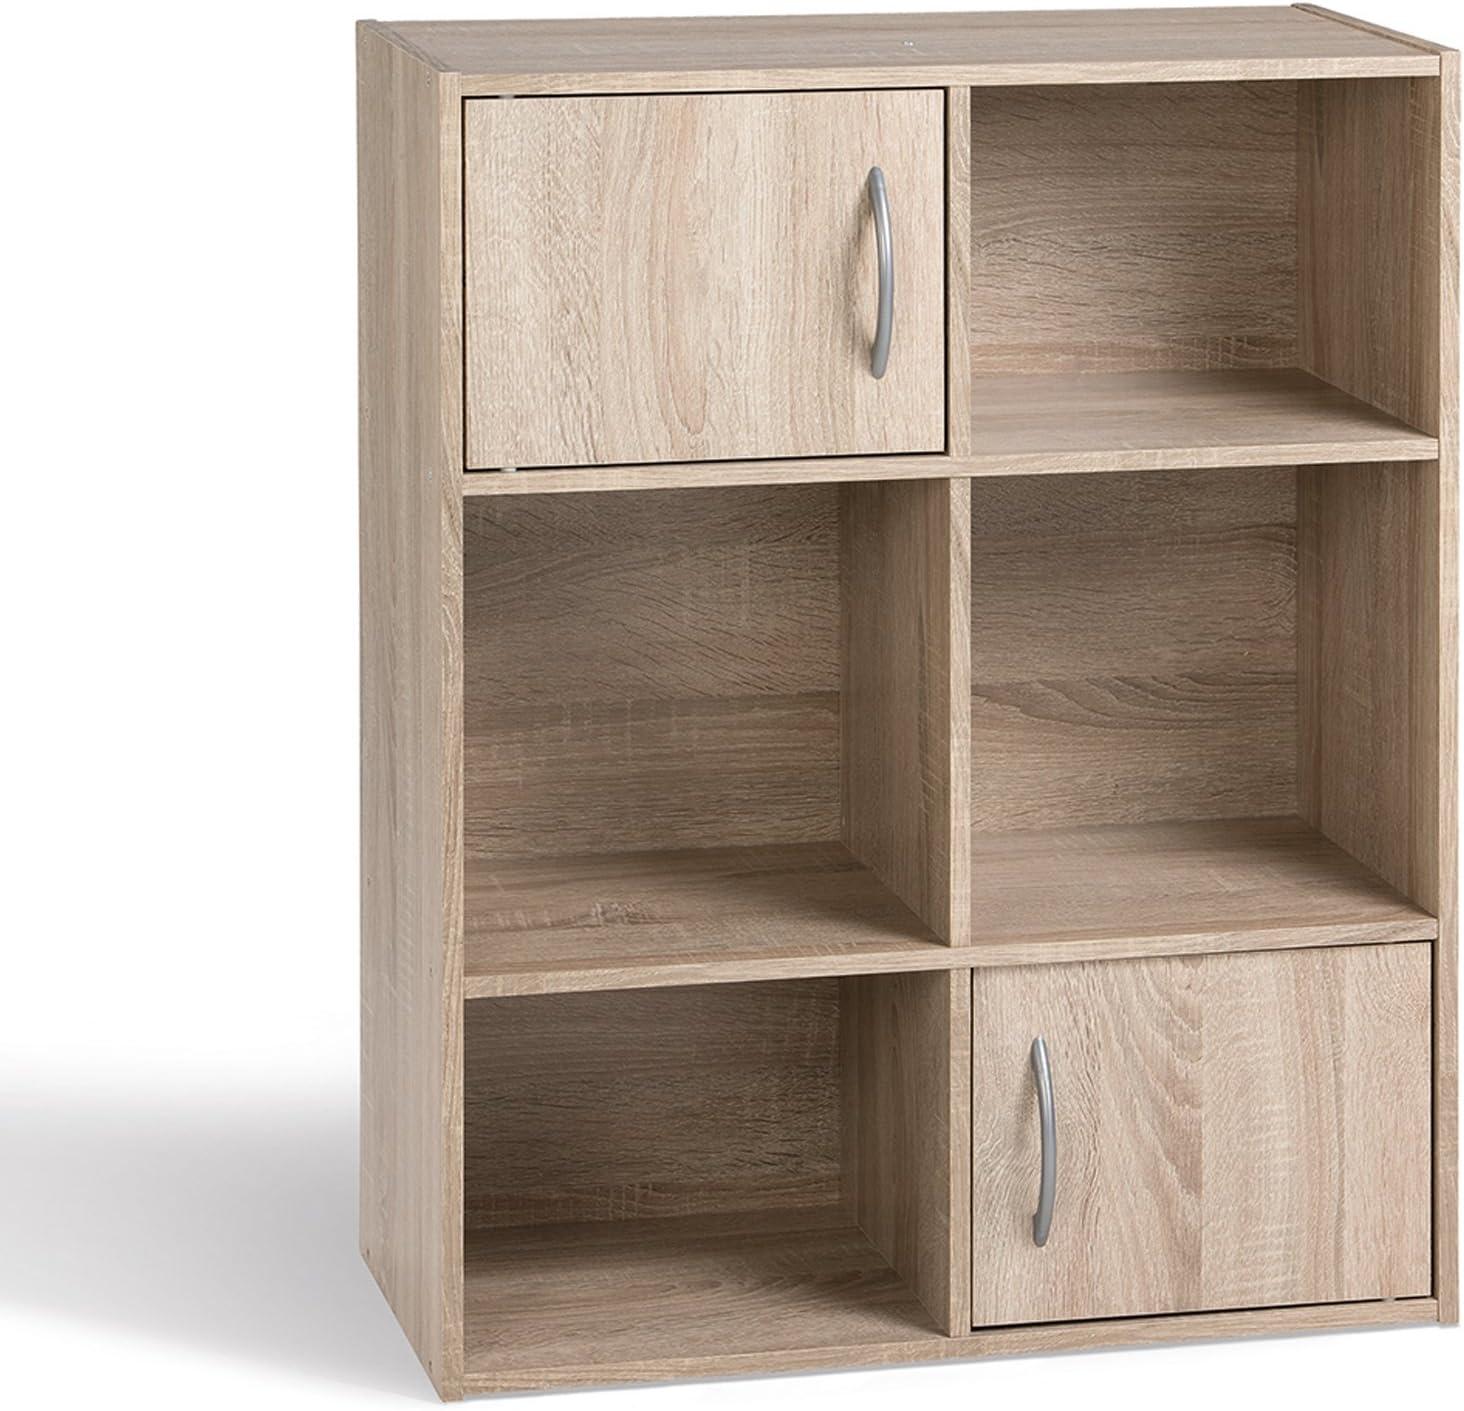 Compo Meuble de Rangement Colonne 4 Casiers Biblioth/èque Etag/ères Cubes Ch/êne 31 x 29,5 x 123 cm